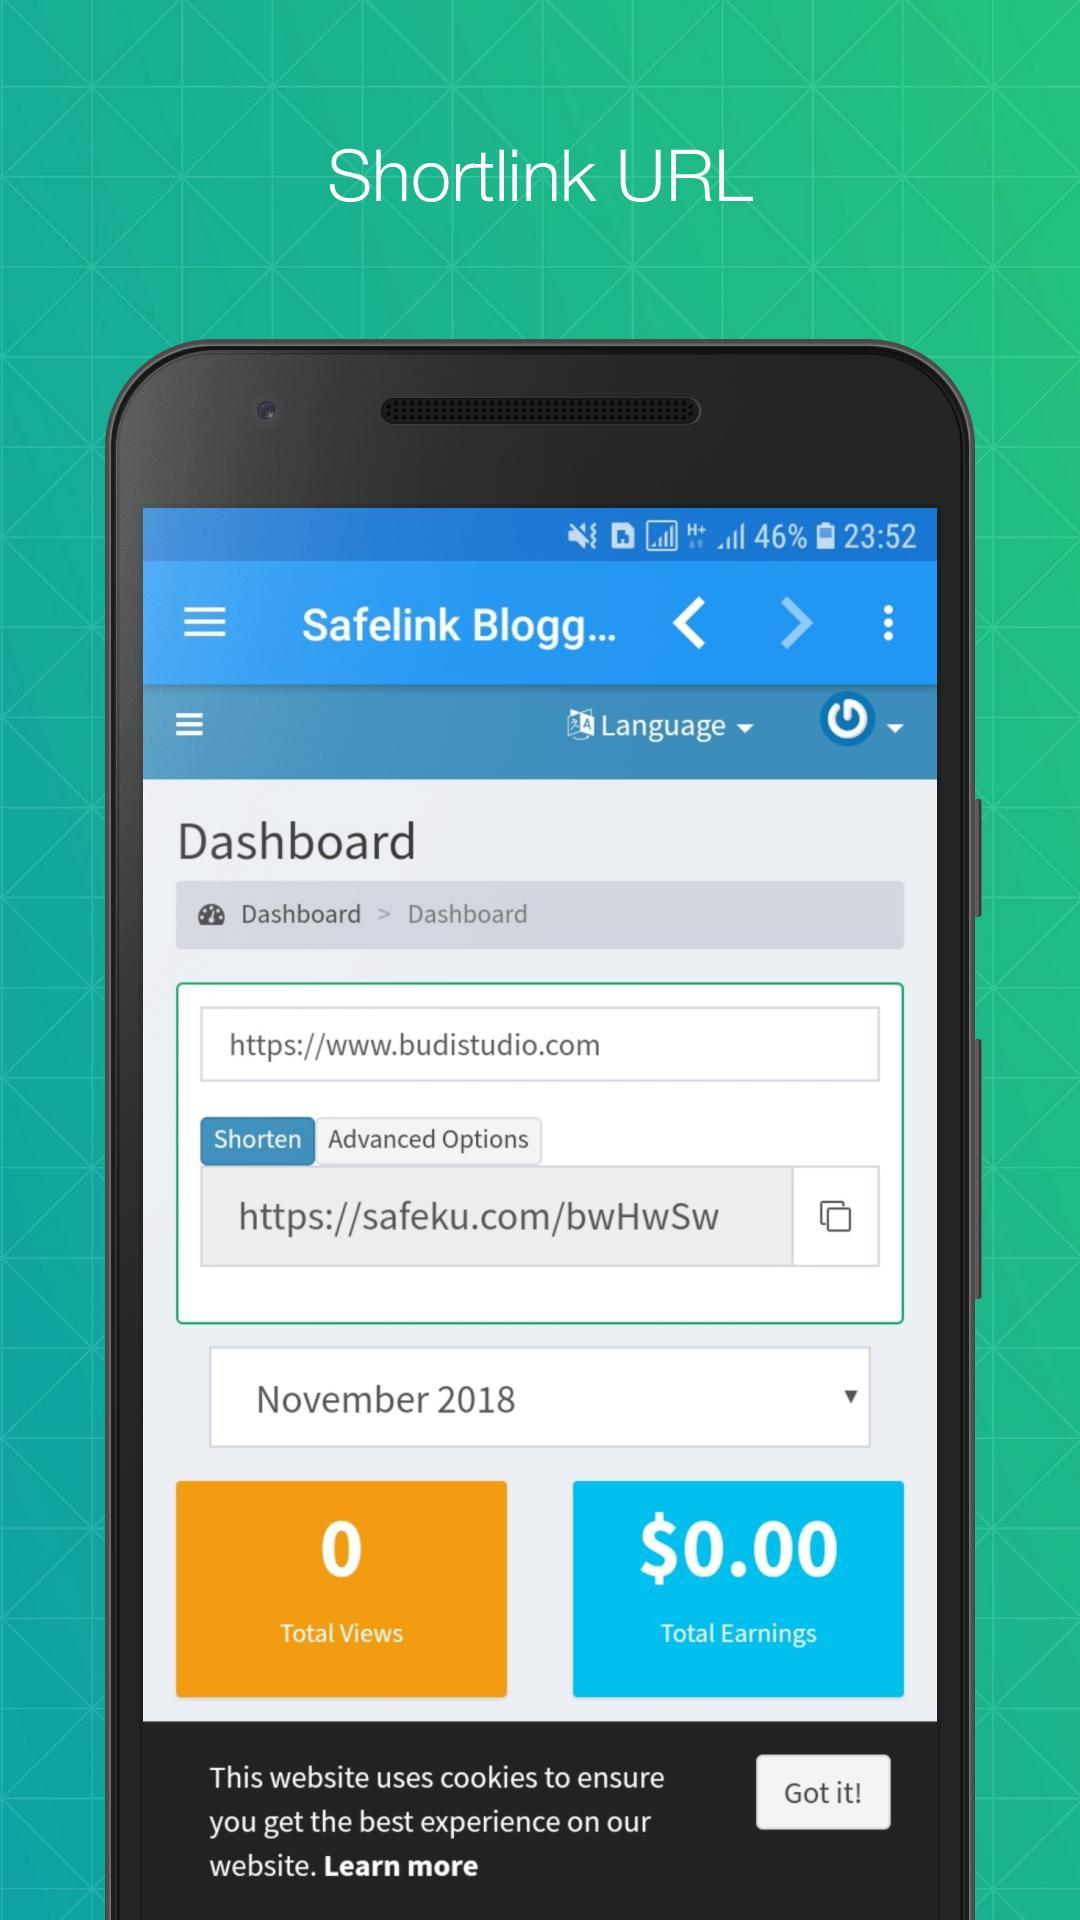 Safelink Blogger for Android - APK Download